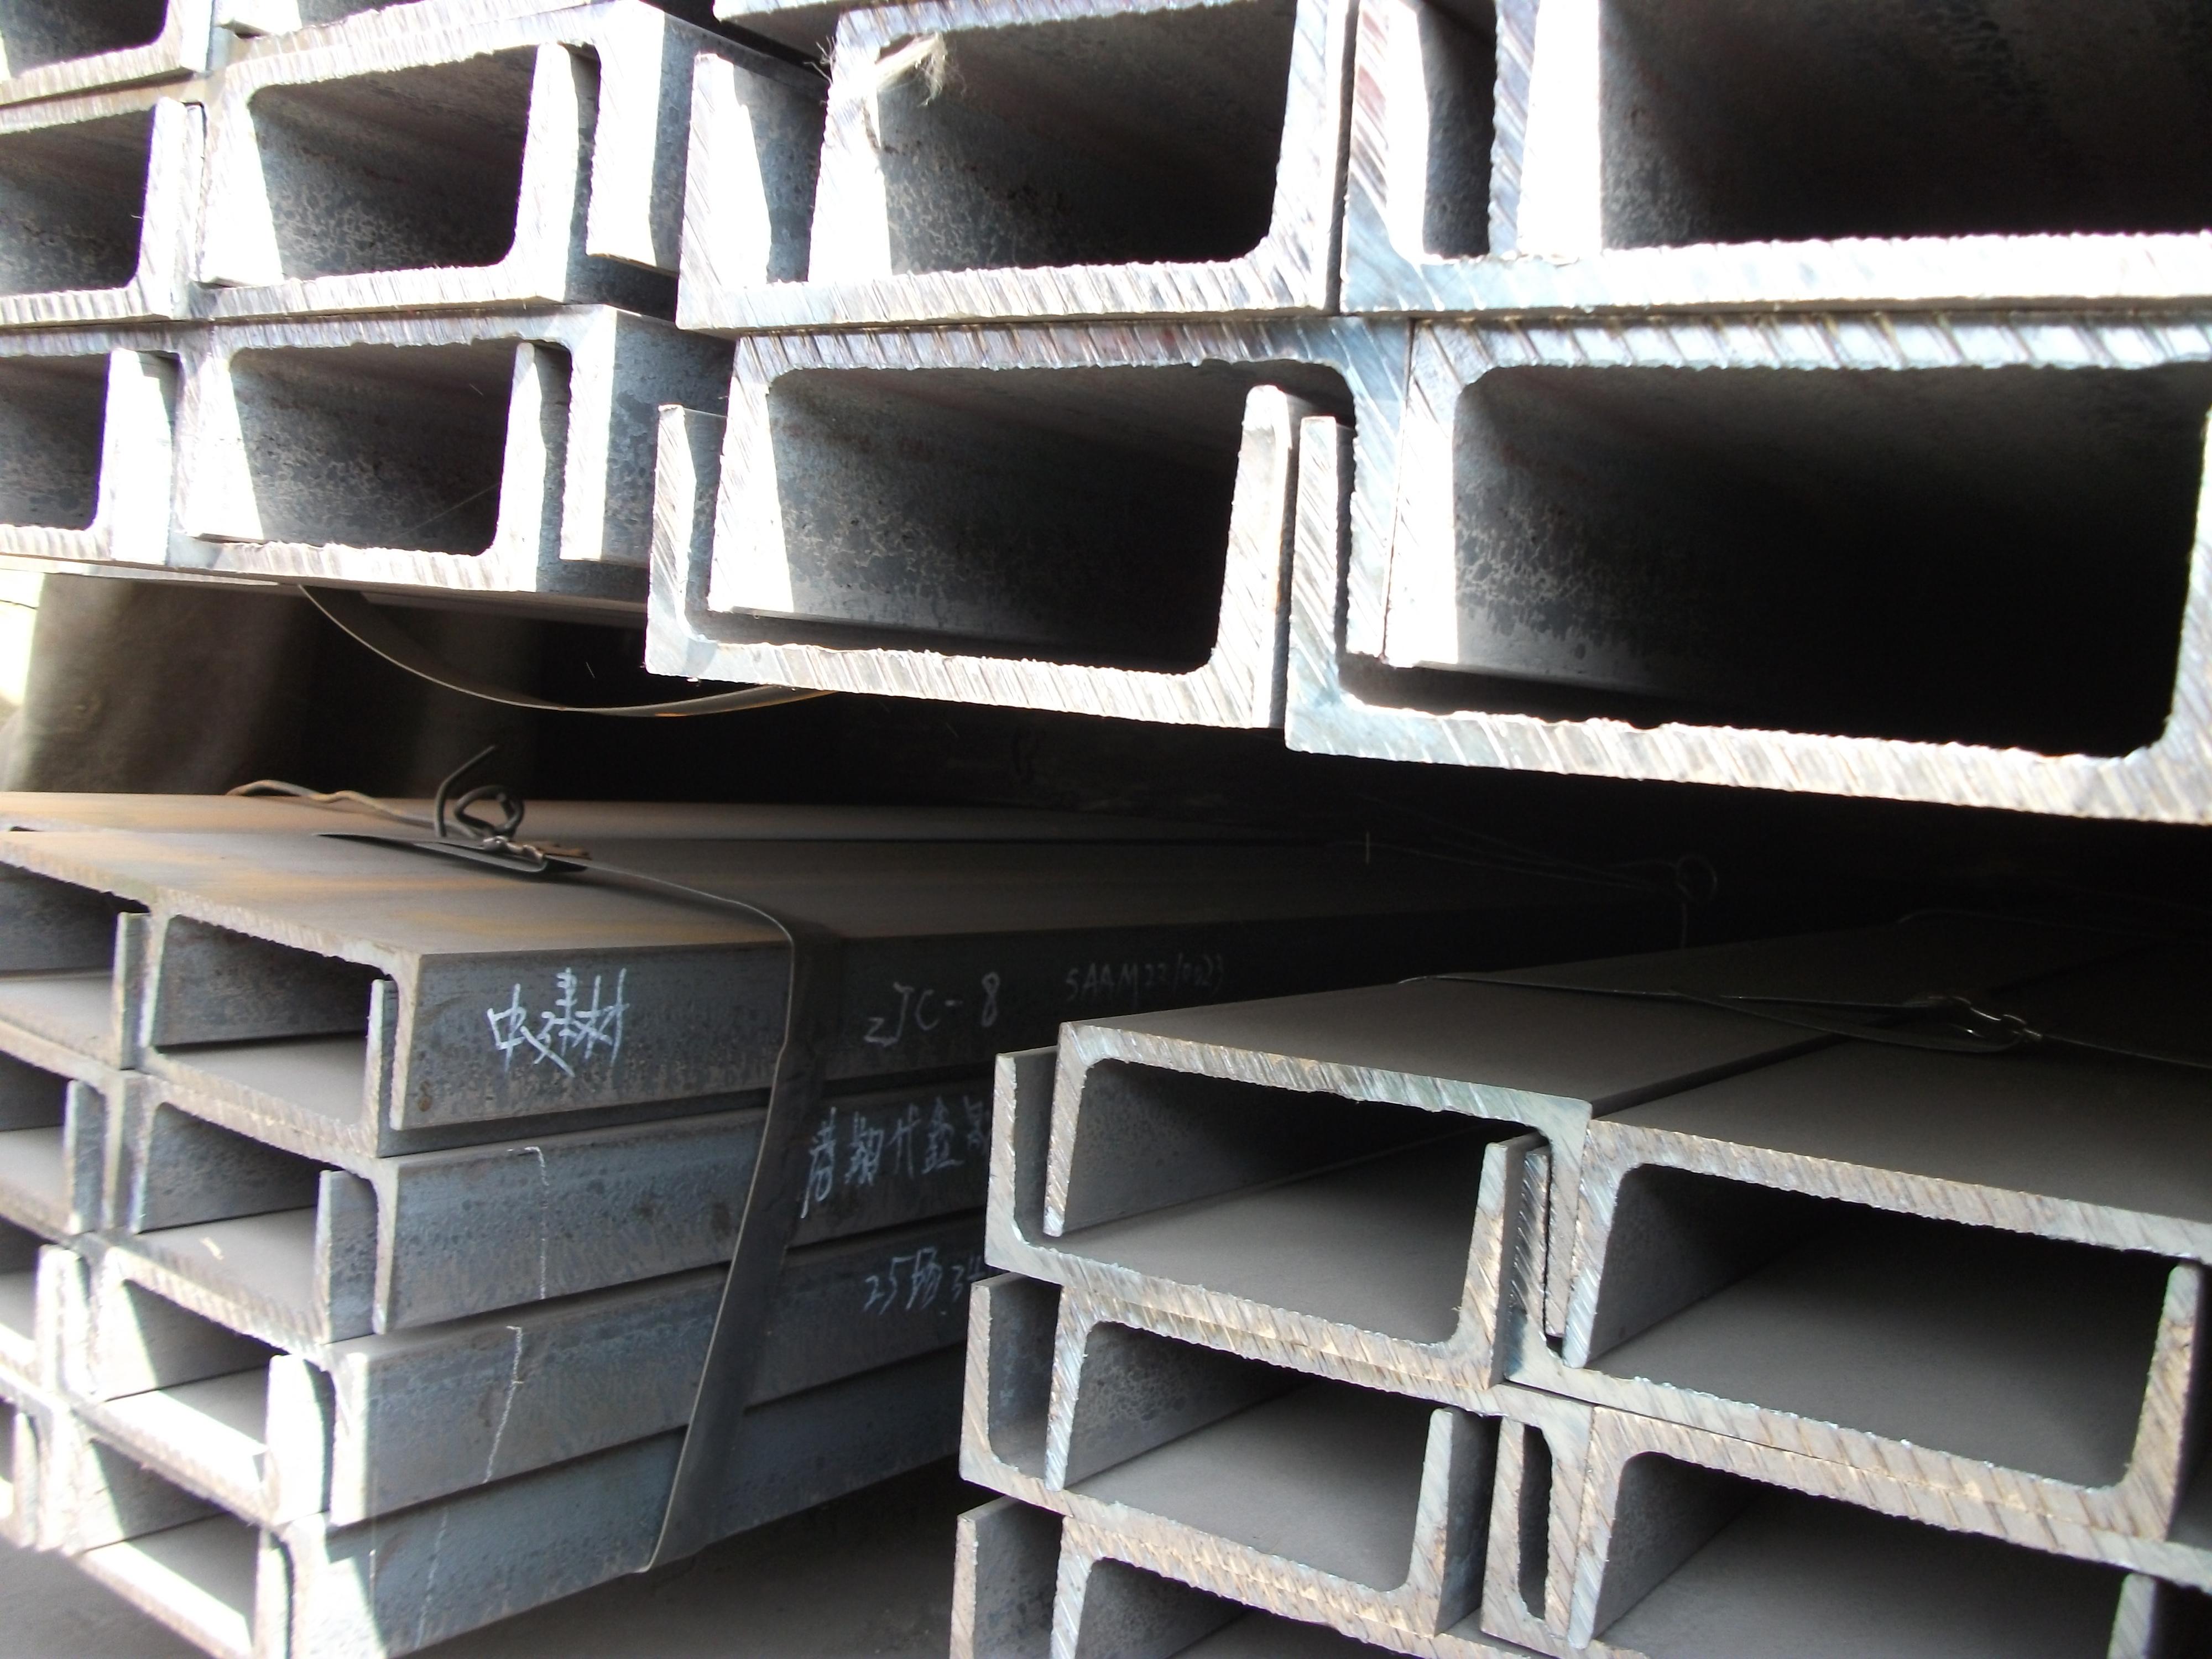 Standard Size Steel Channel Bar, Metal Channel Bar